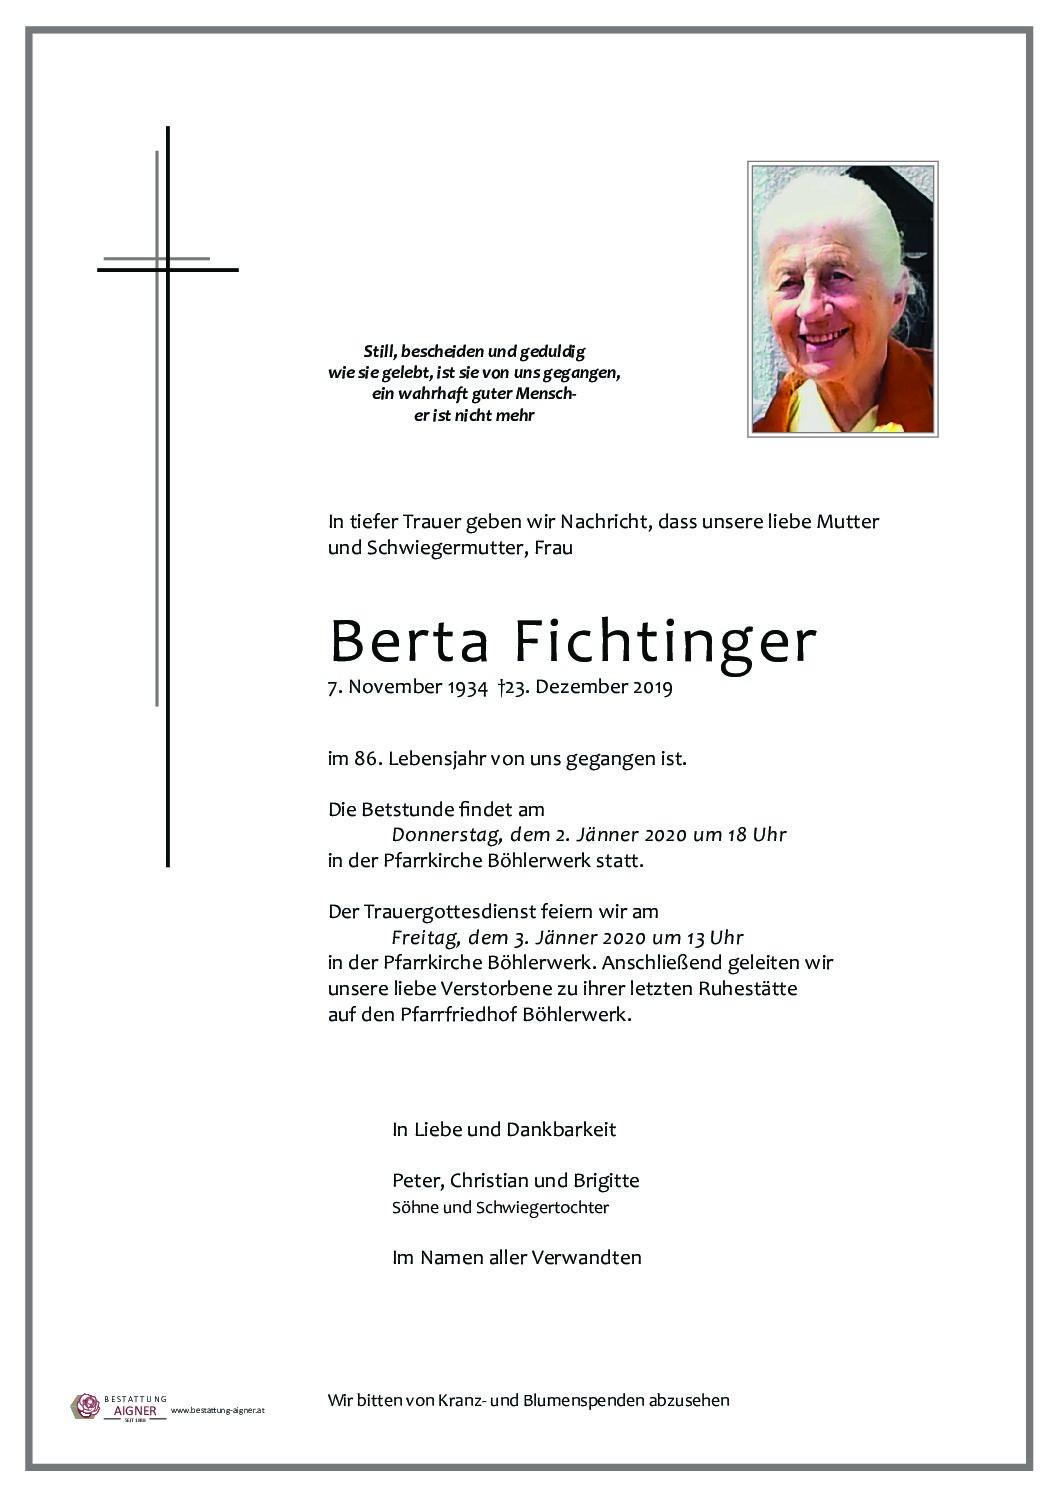 Berta Fichtinger